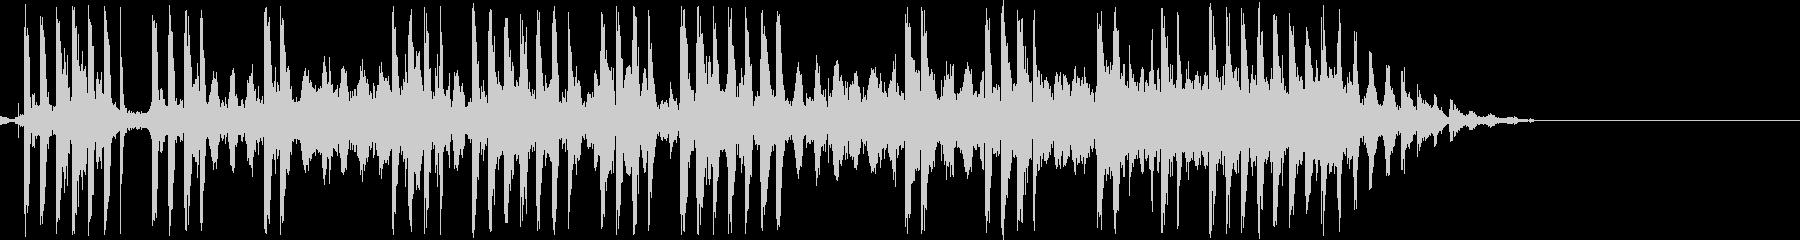 電気ショック/感電(ビリビリ/ビビビの未再生の波形